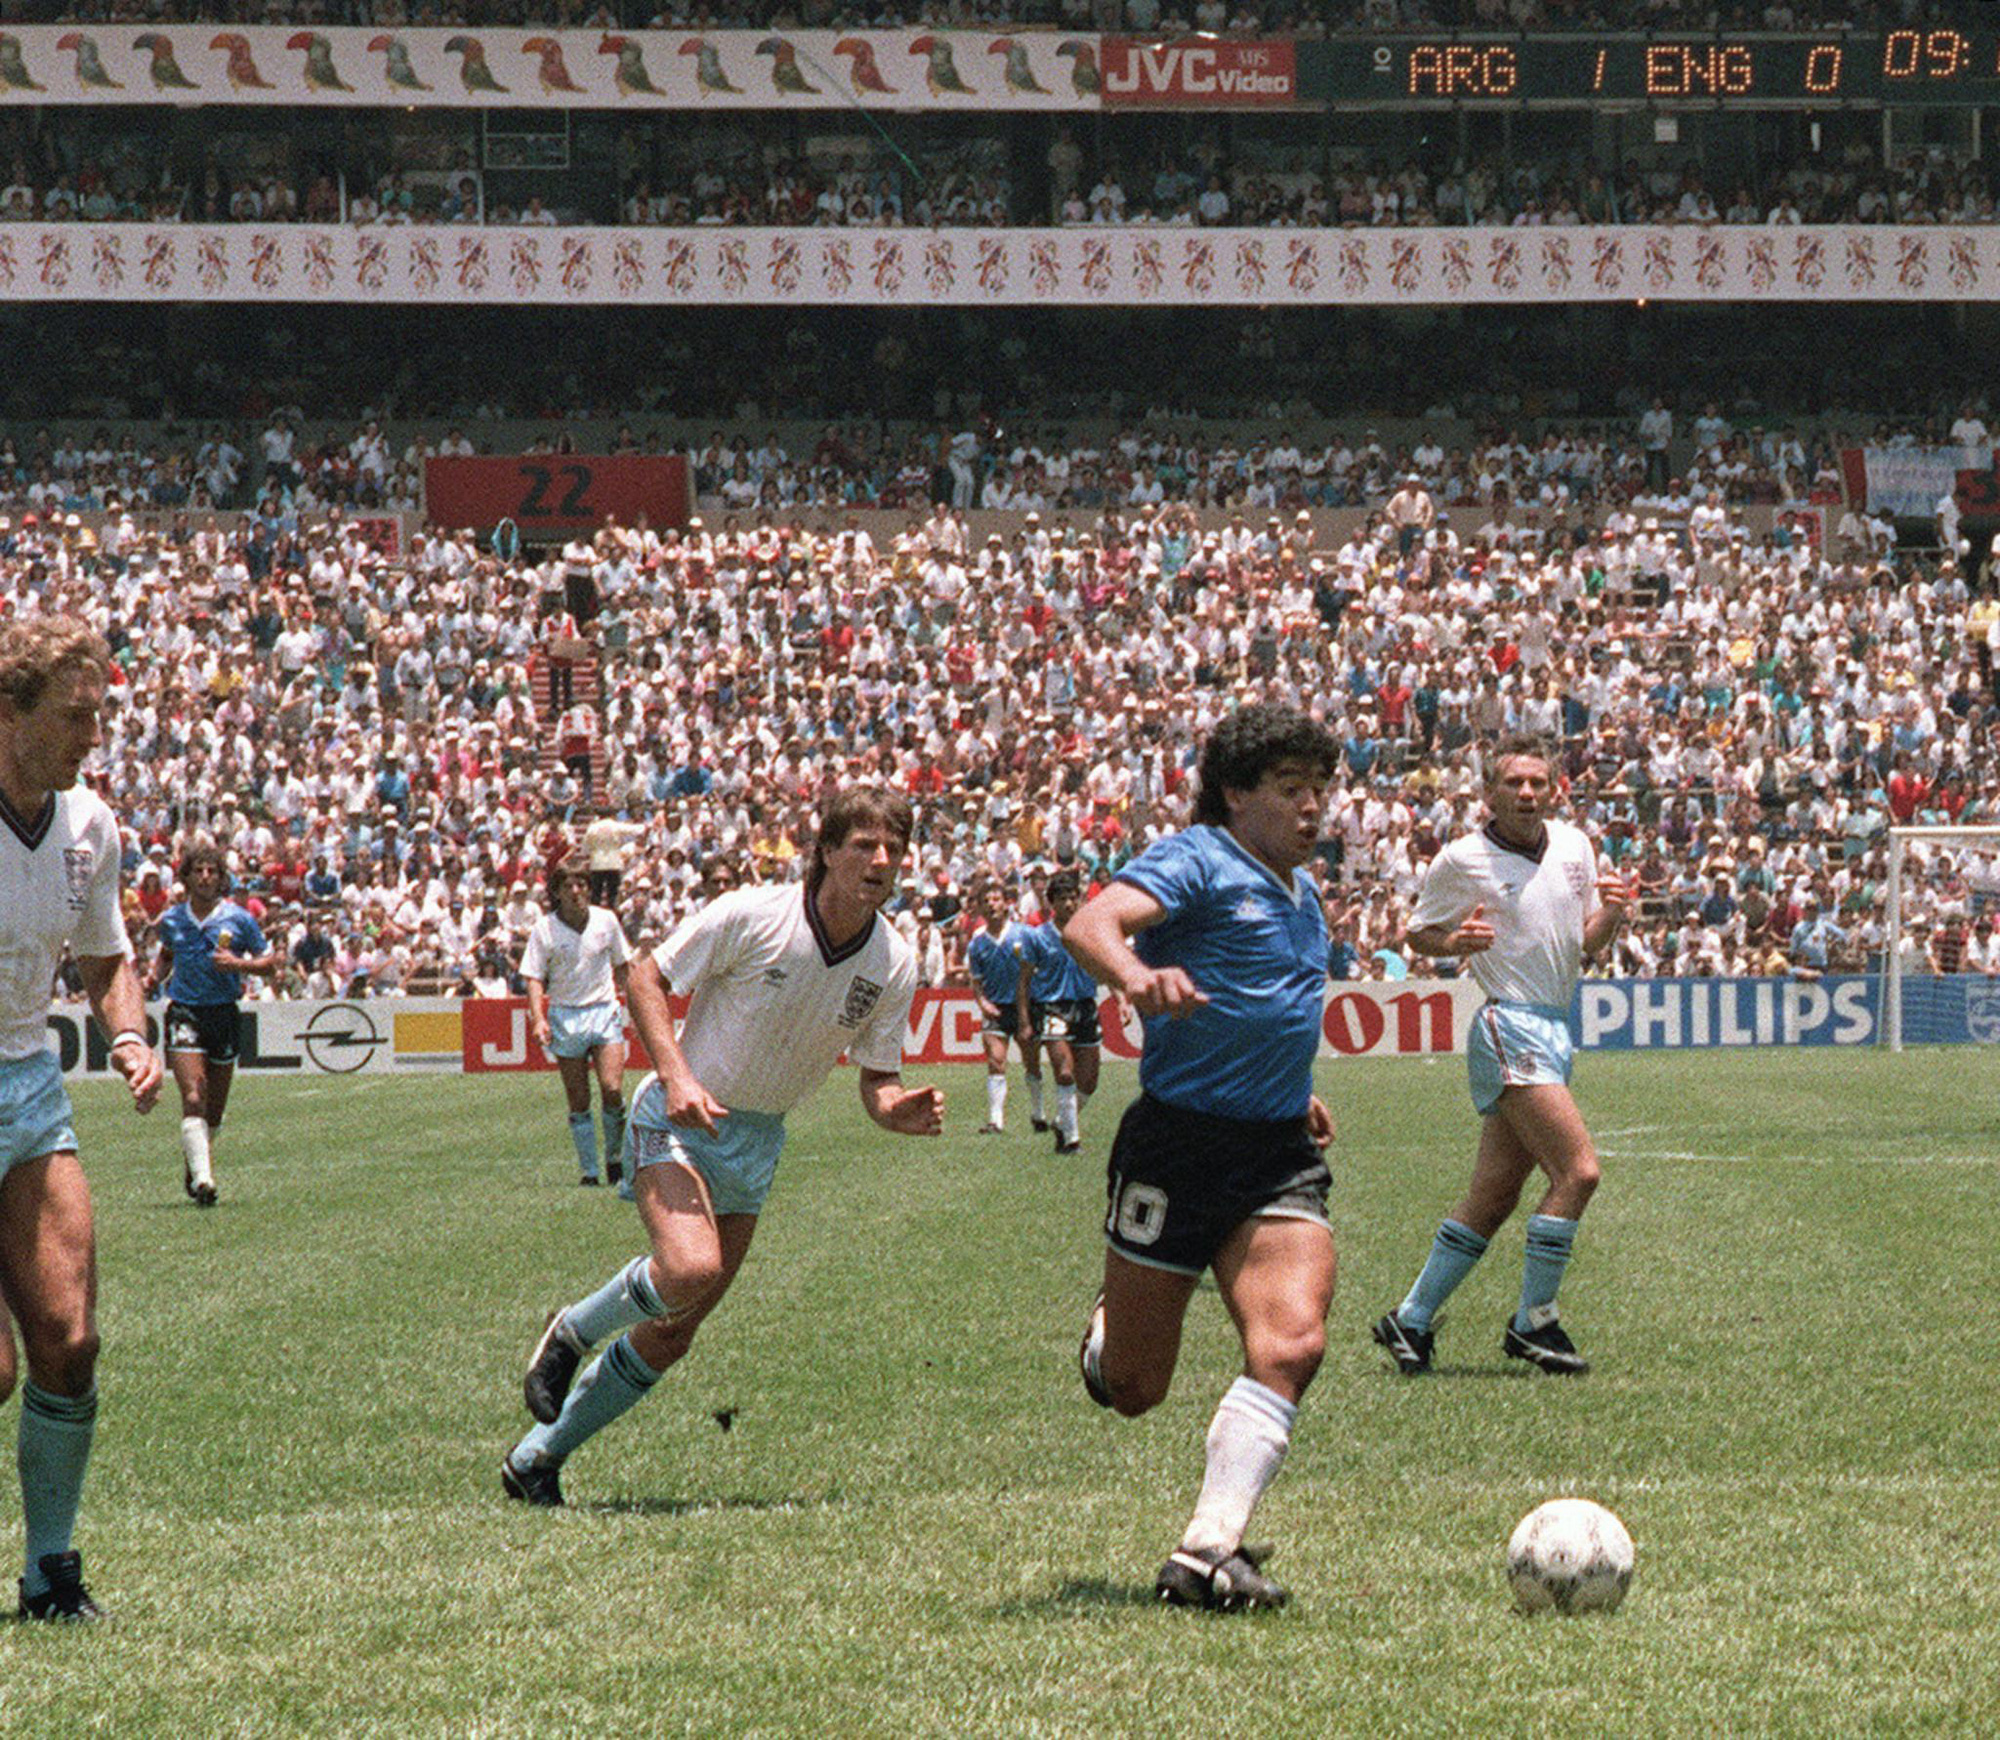 Cuộc đời Maradona qua ảnh: Đầy vinh quang nhưng cũng lắm tranh cãi - Ảnh 2.